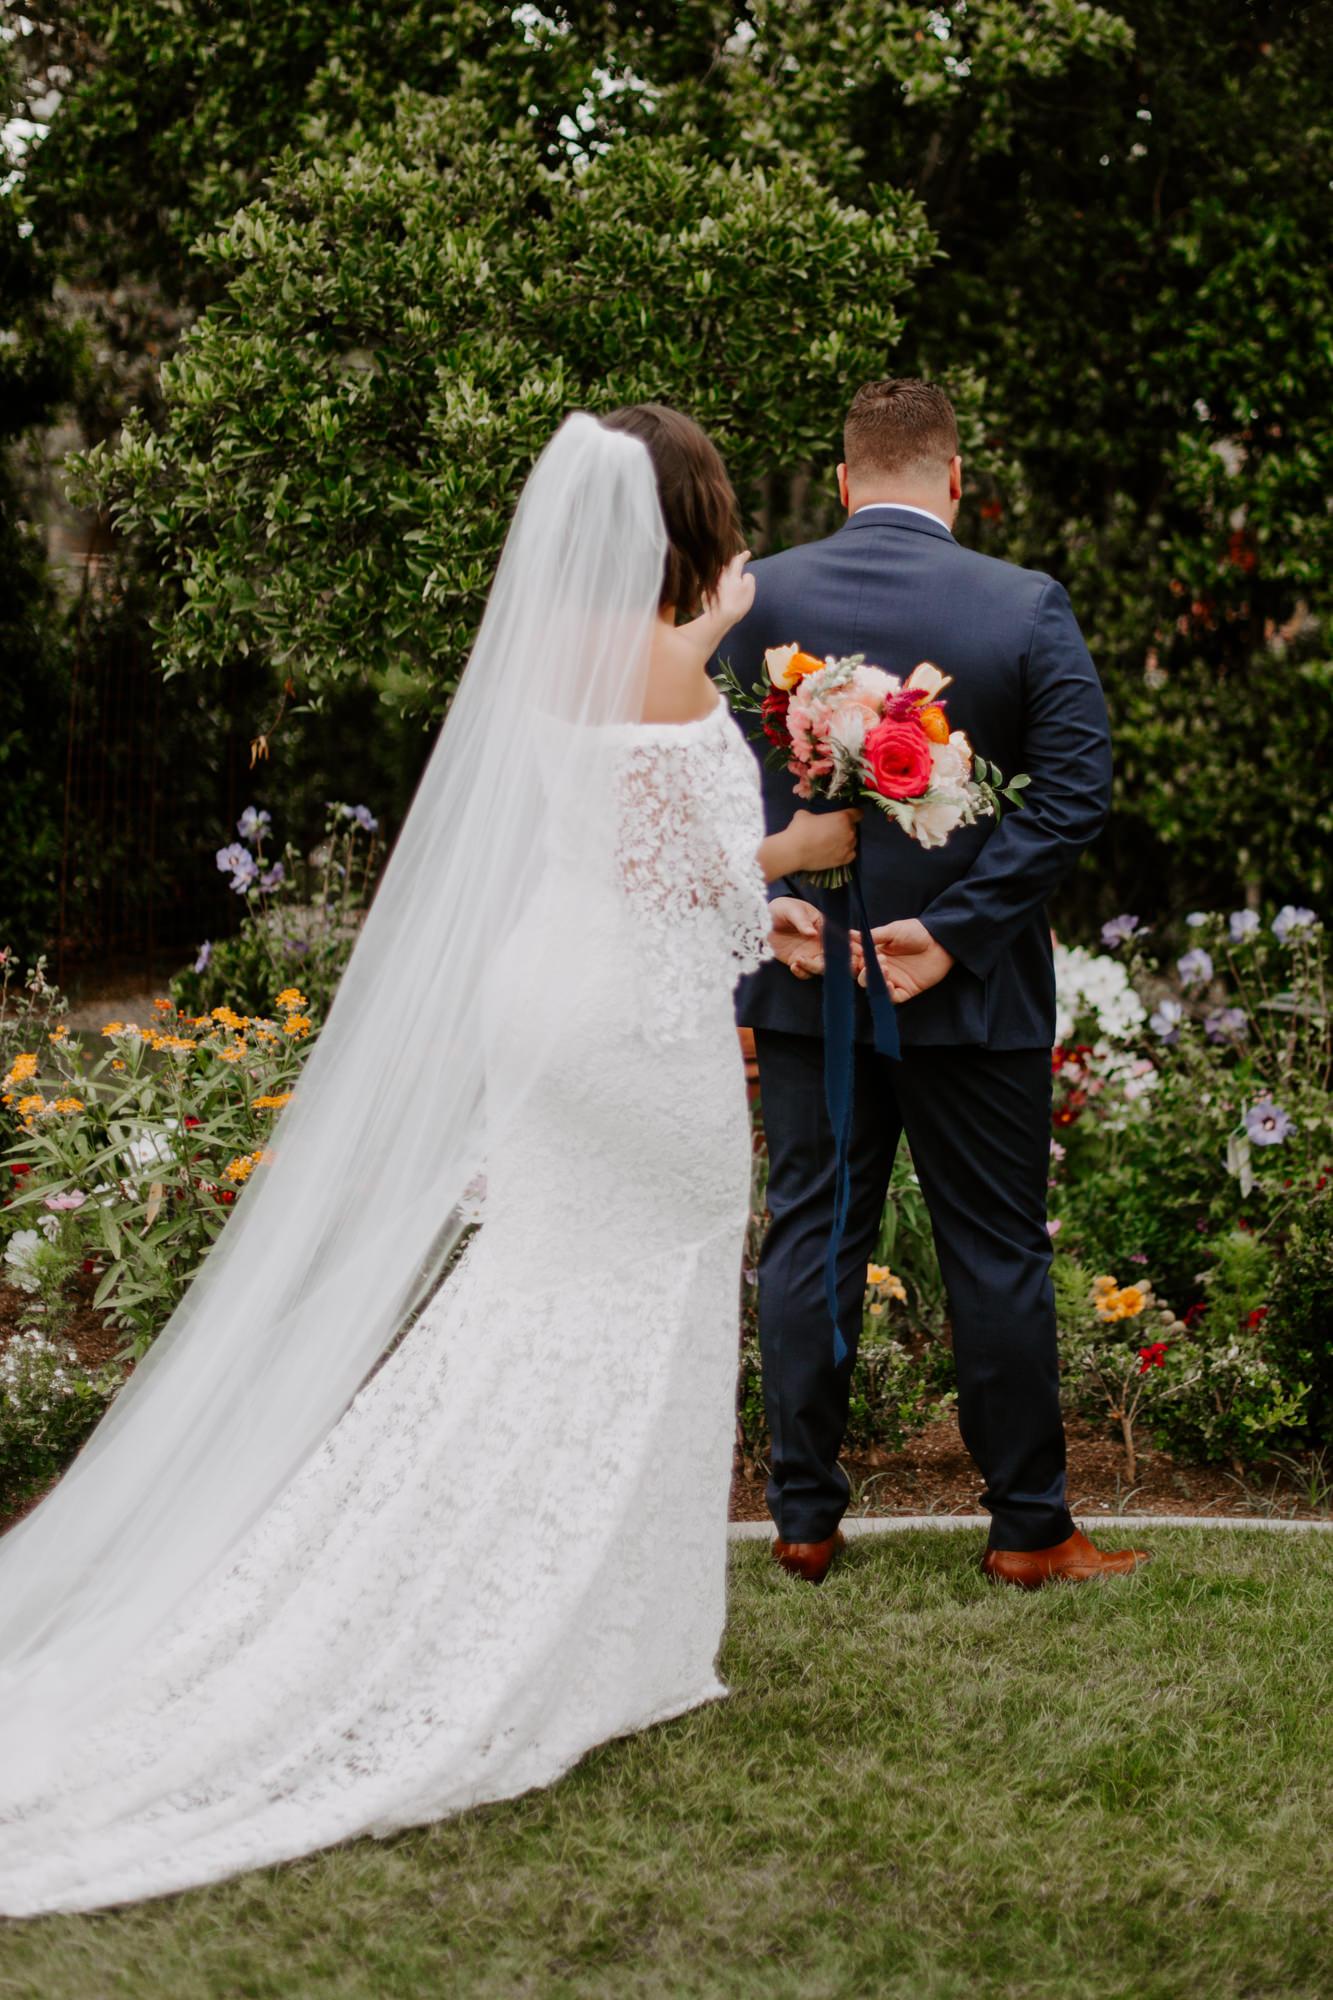 Rancho bernardo Inn san deigo wedding photography0031.jpg